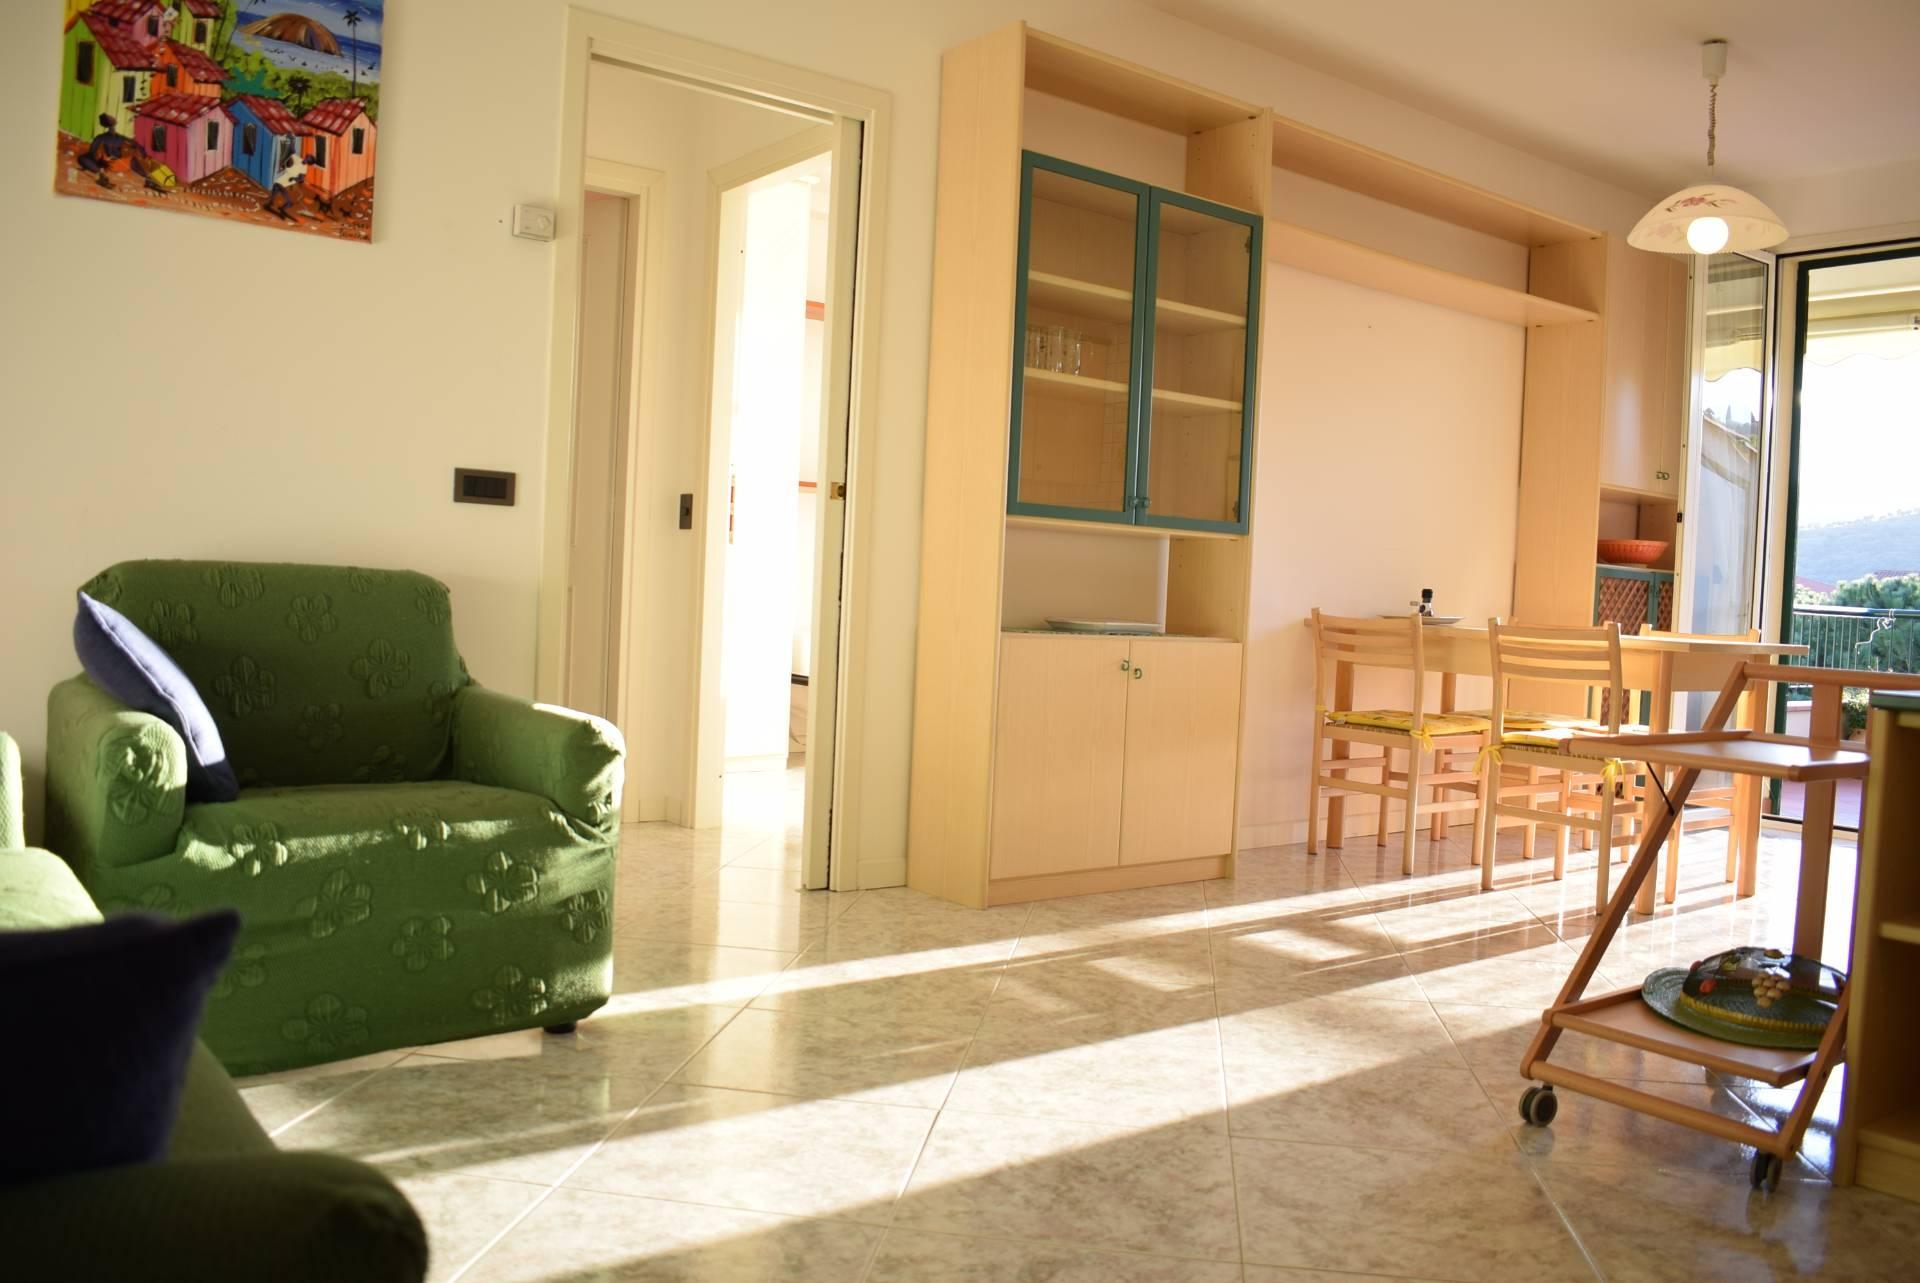 Appartamento in affitto a Diano Marina, 2 locali, prezzo € 600 | CambioCasa.it